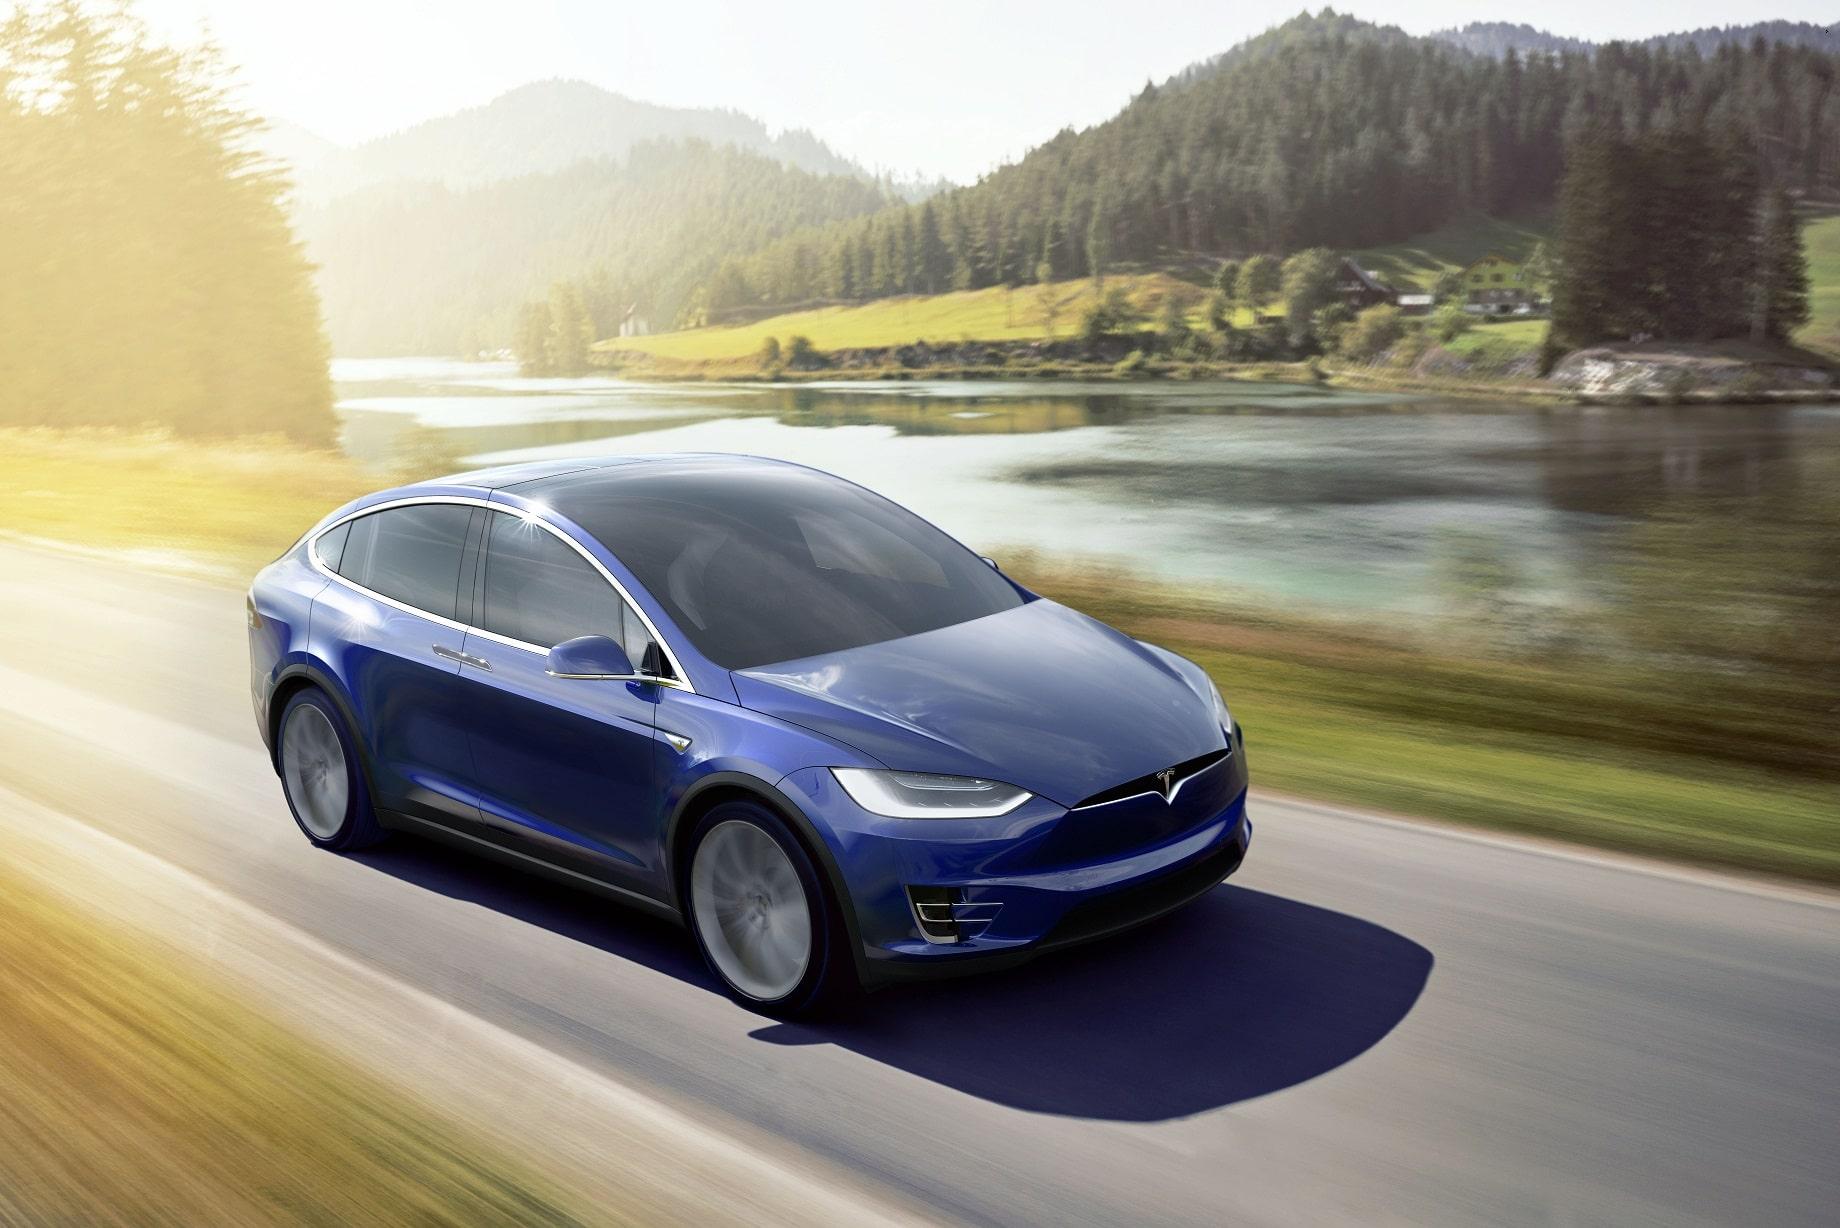 tesla-model-X-2018-smart cars models-alignthoughts